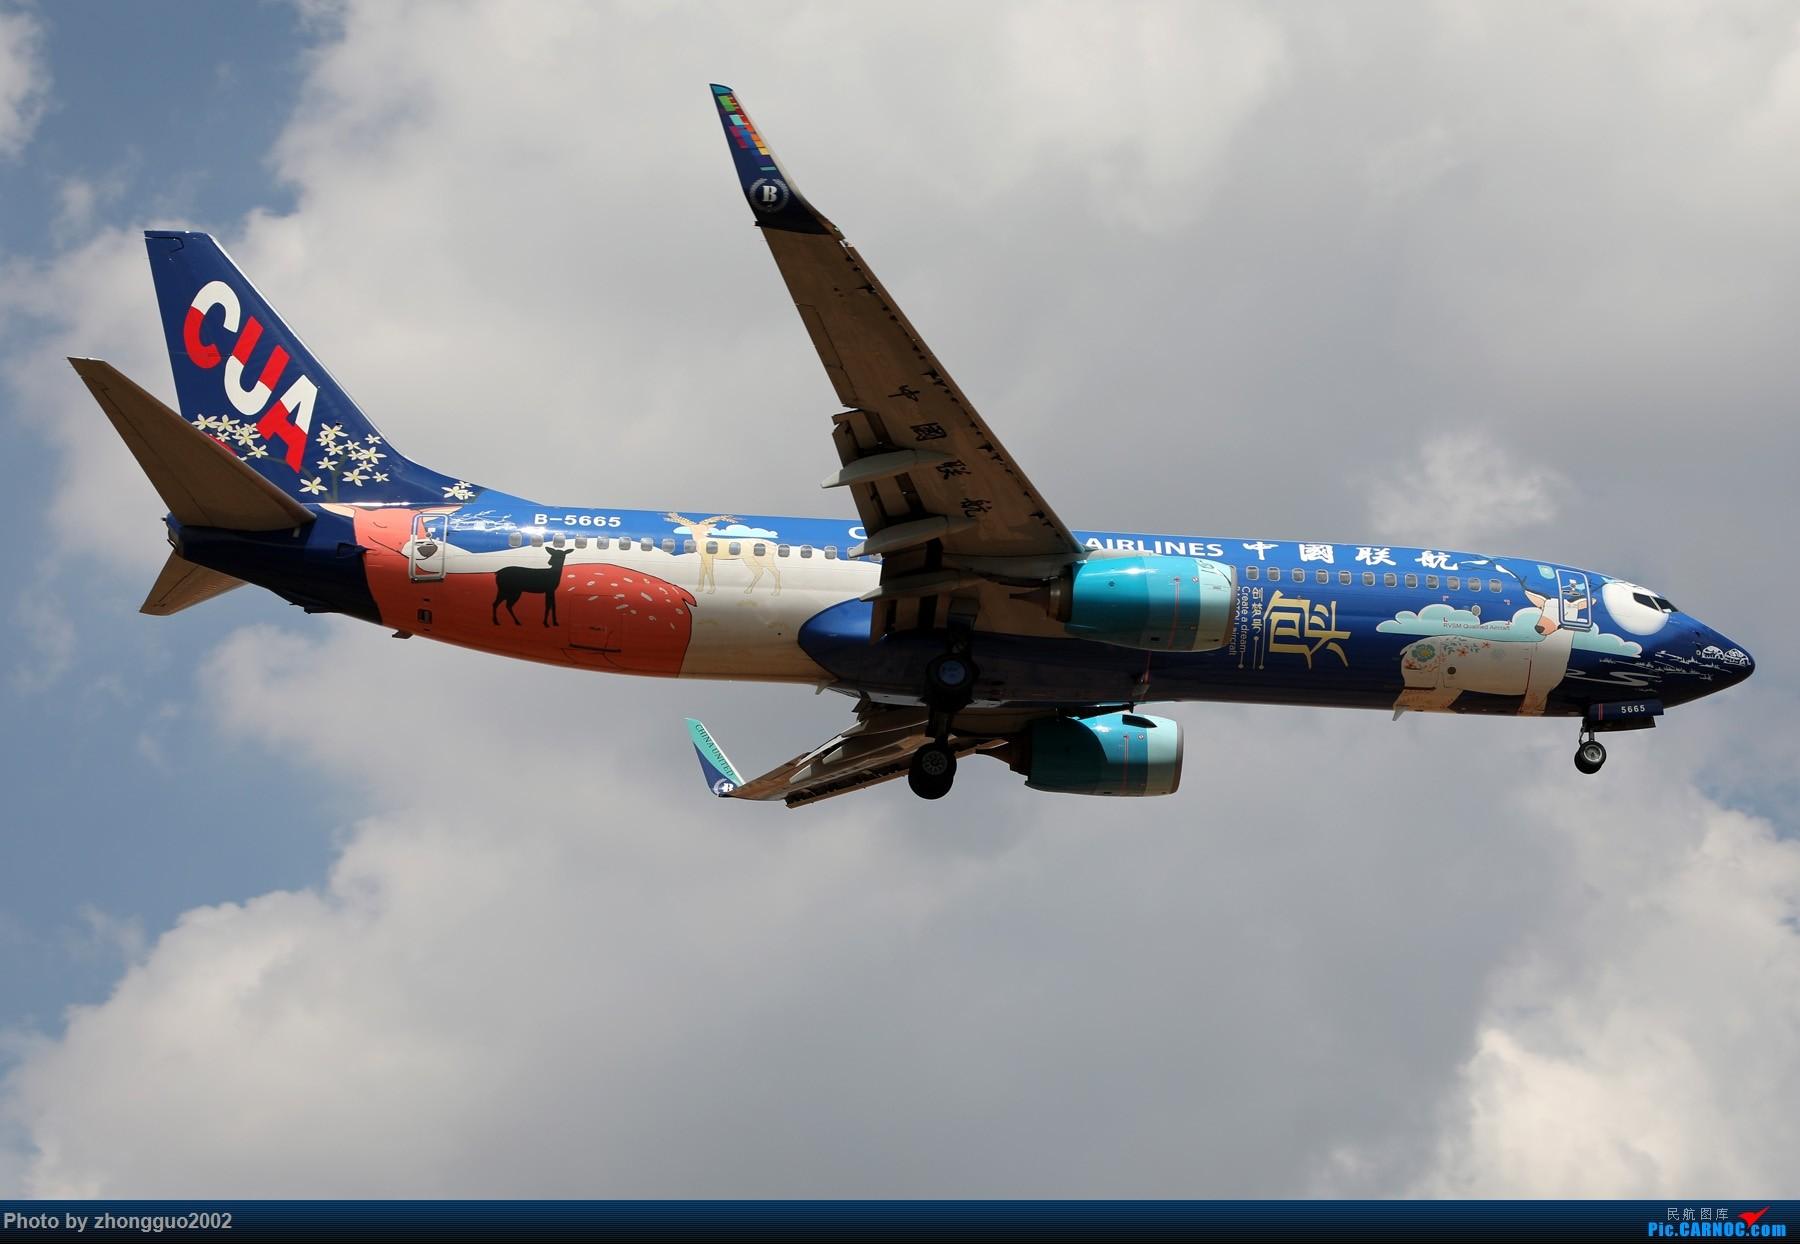 Re:[原创]国航 333-6102 鄂尔多斯飞本场 BOEING 737-800 B-5665 中国鄂尔多斯伊金霍洛机场